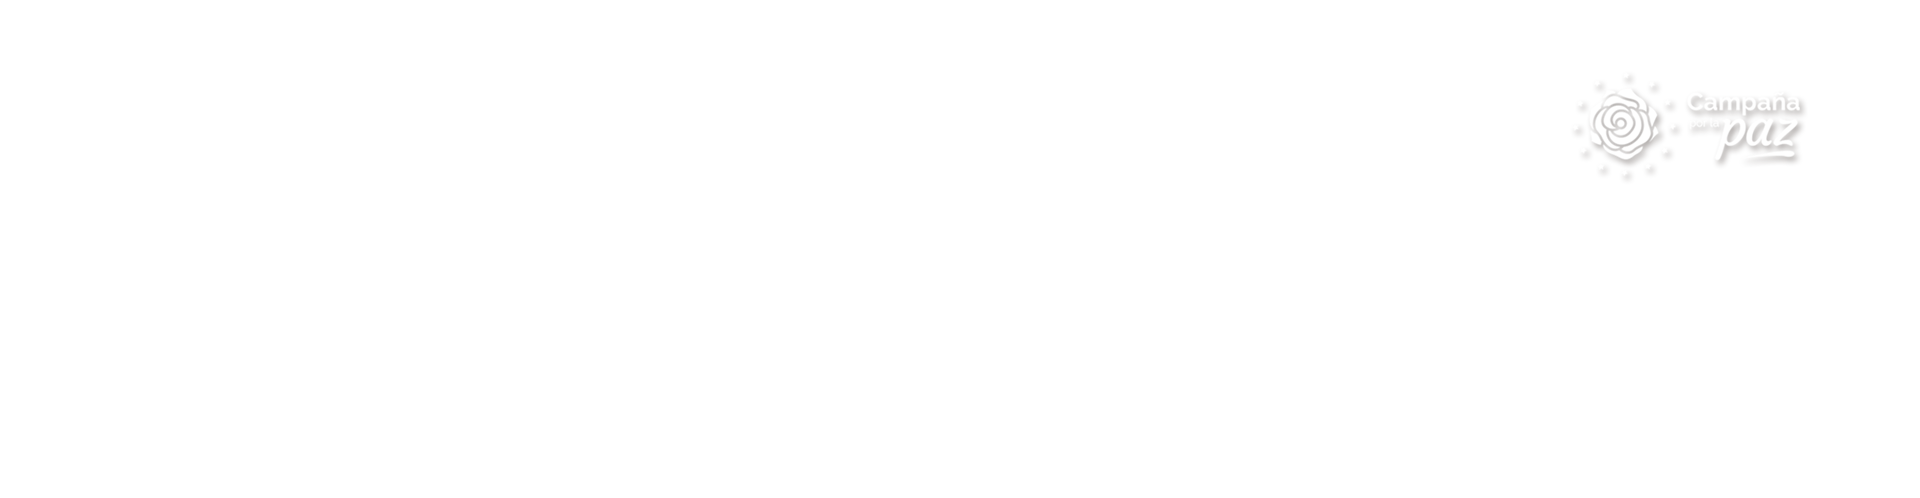 logo-esp.png